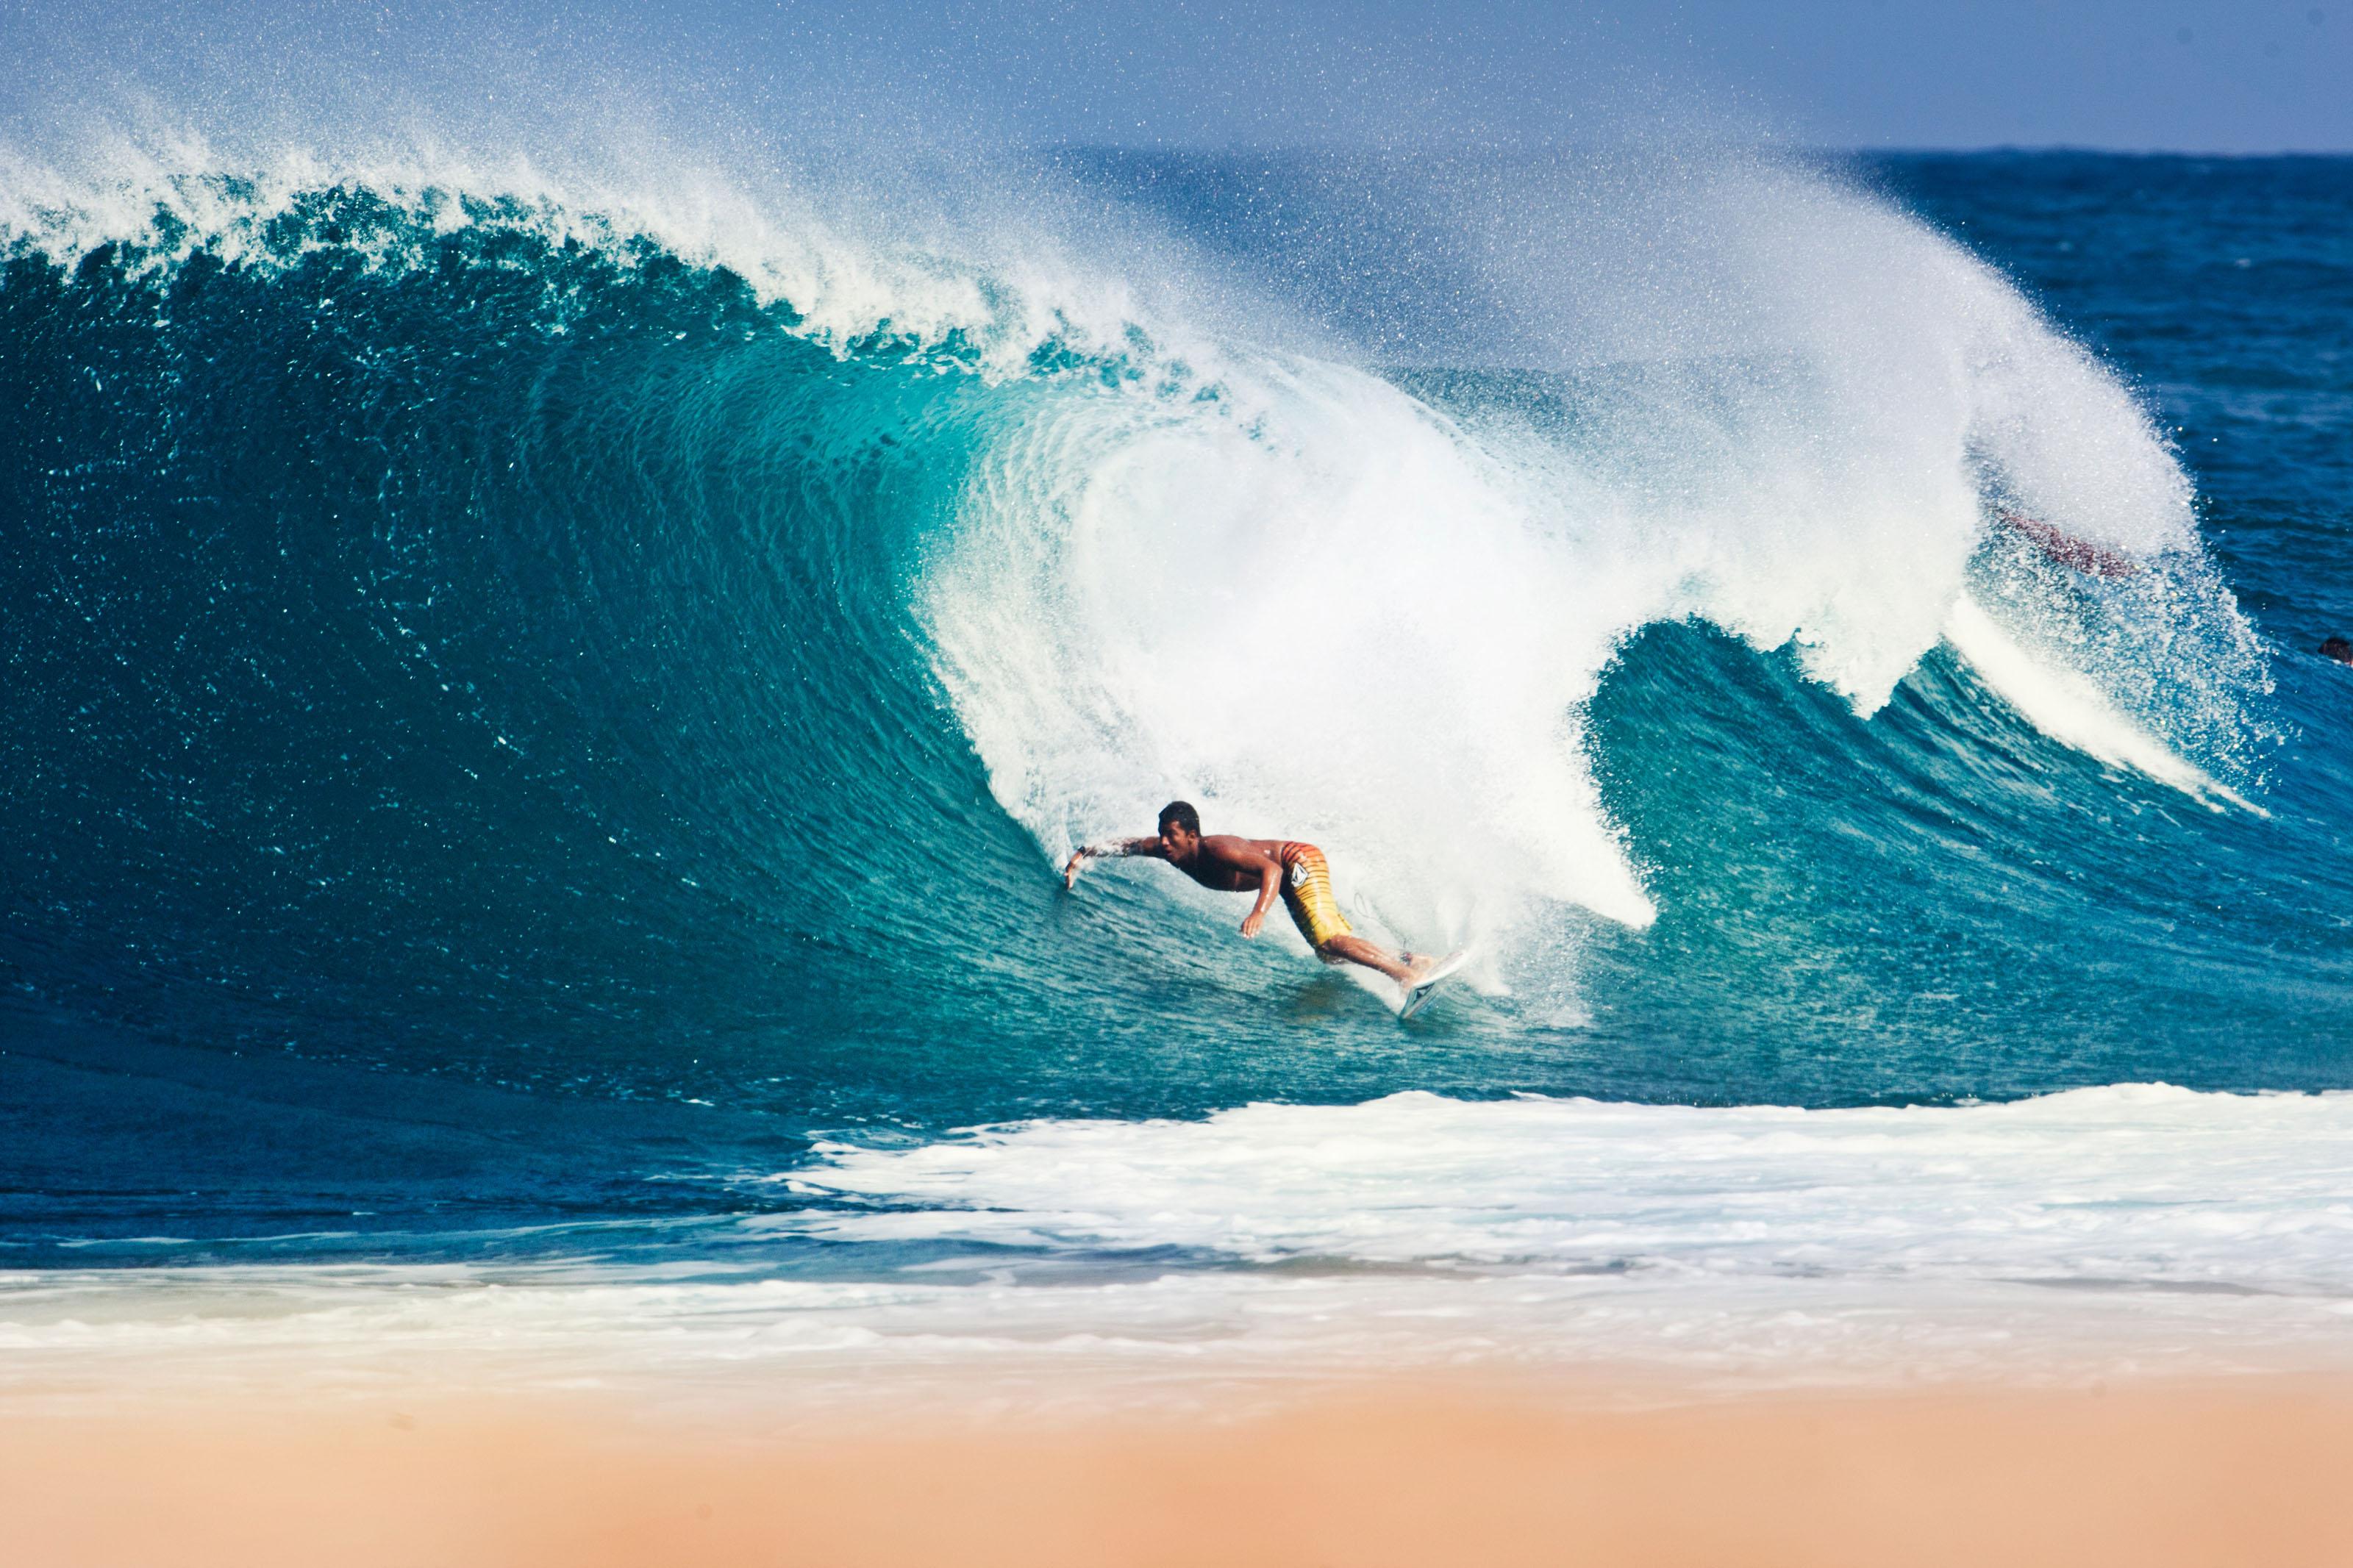 Carlos Munos surfing in Hawaii